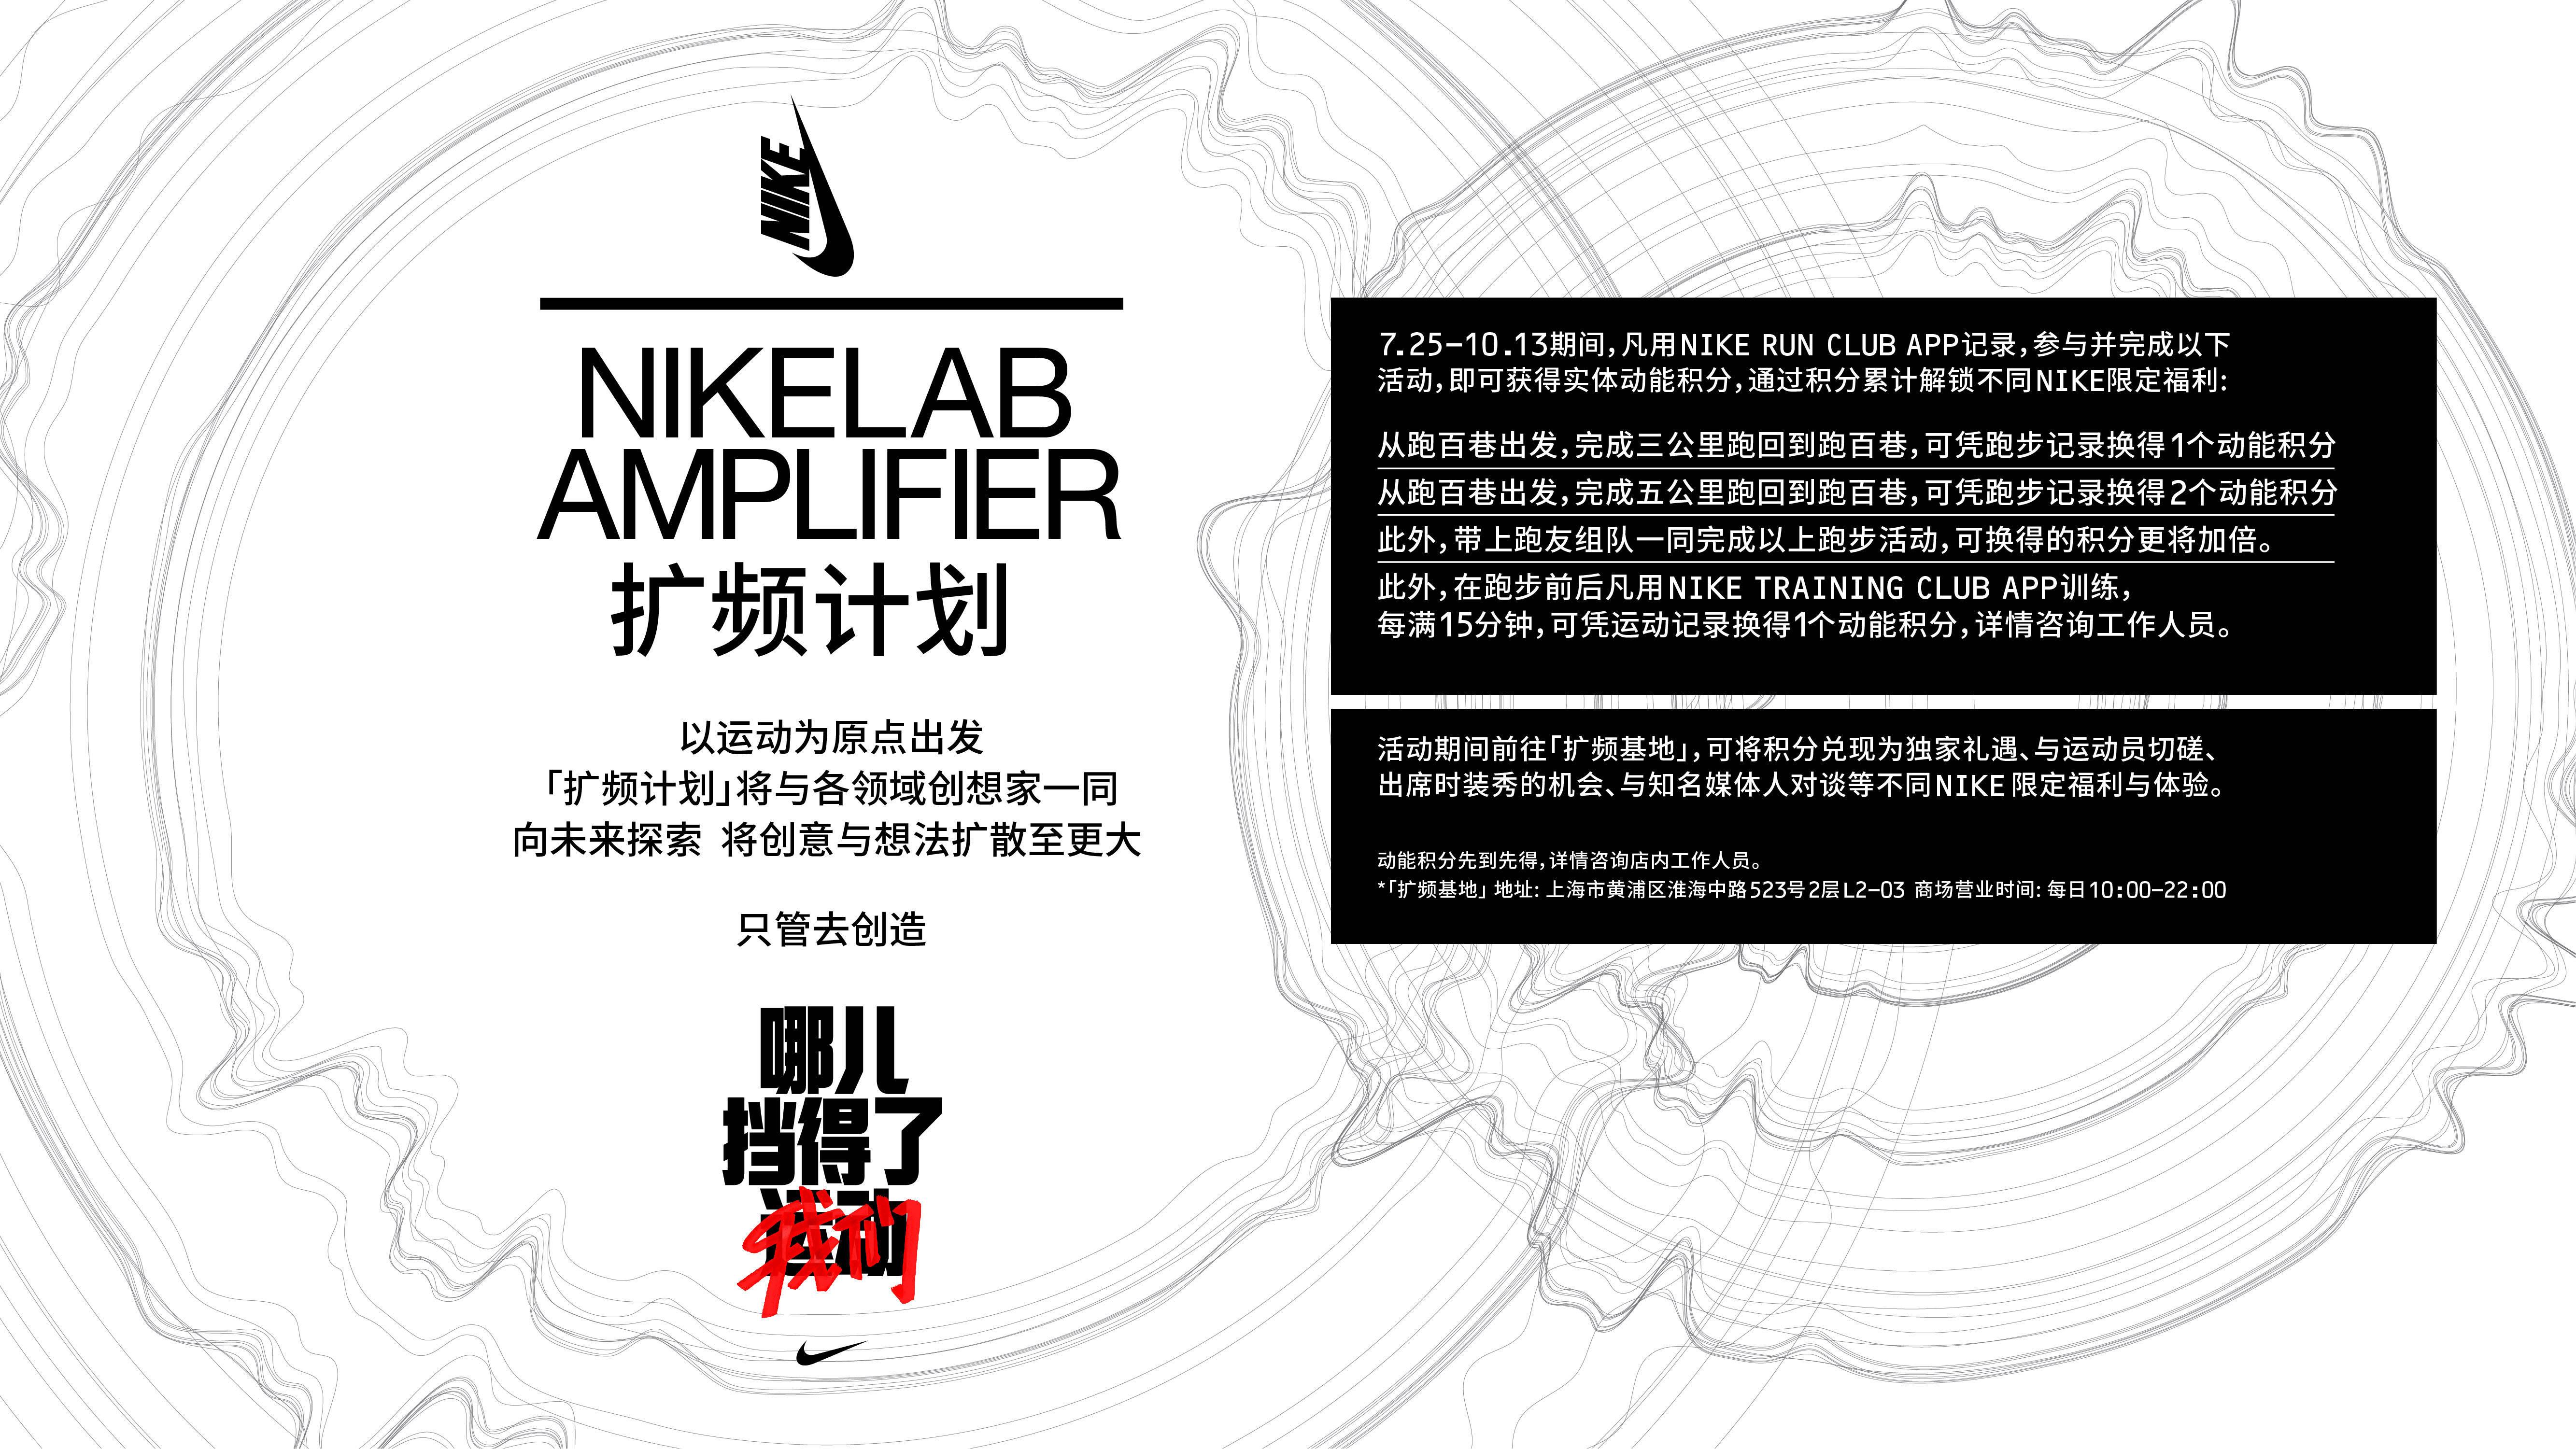 """Nike开启""""扩频计划""""活动 邀请创想家向未来不断探索"""